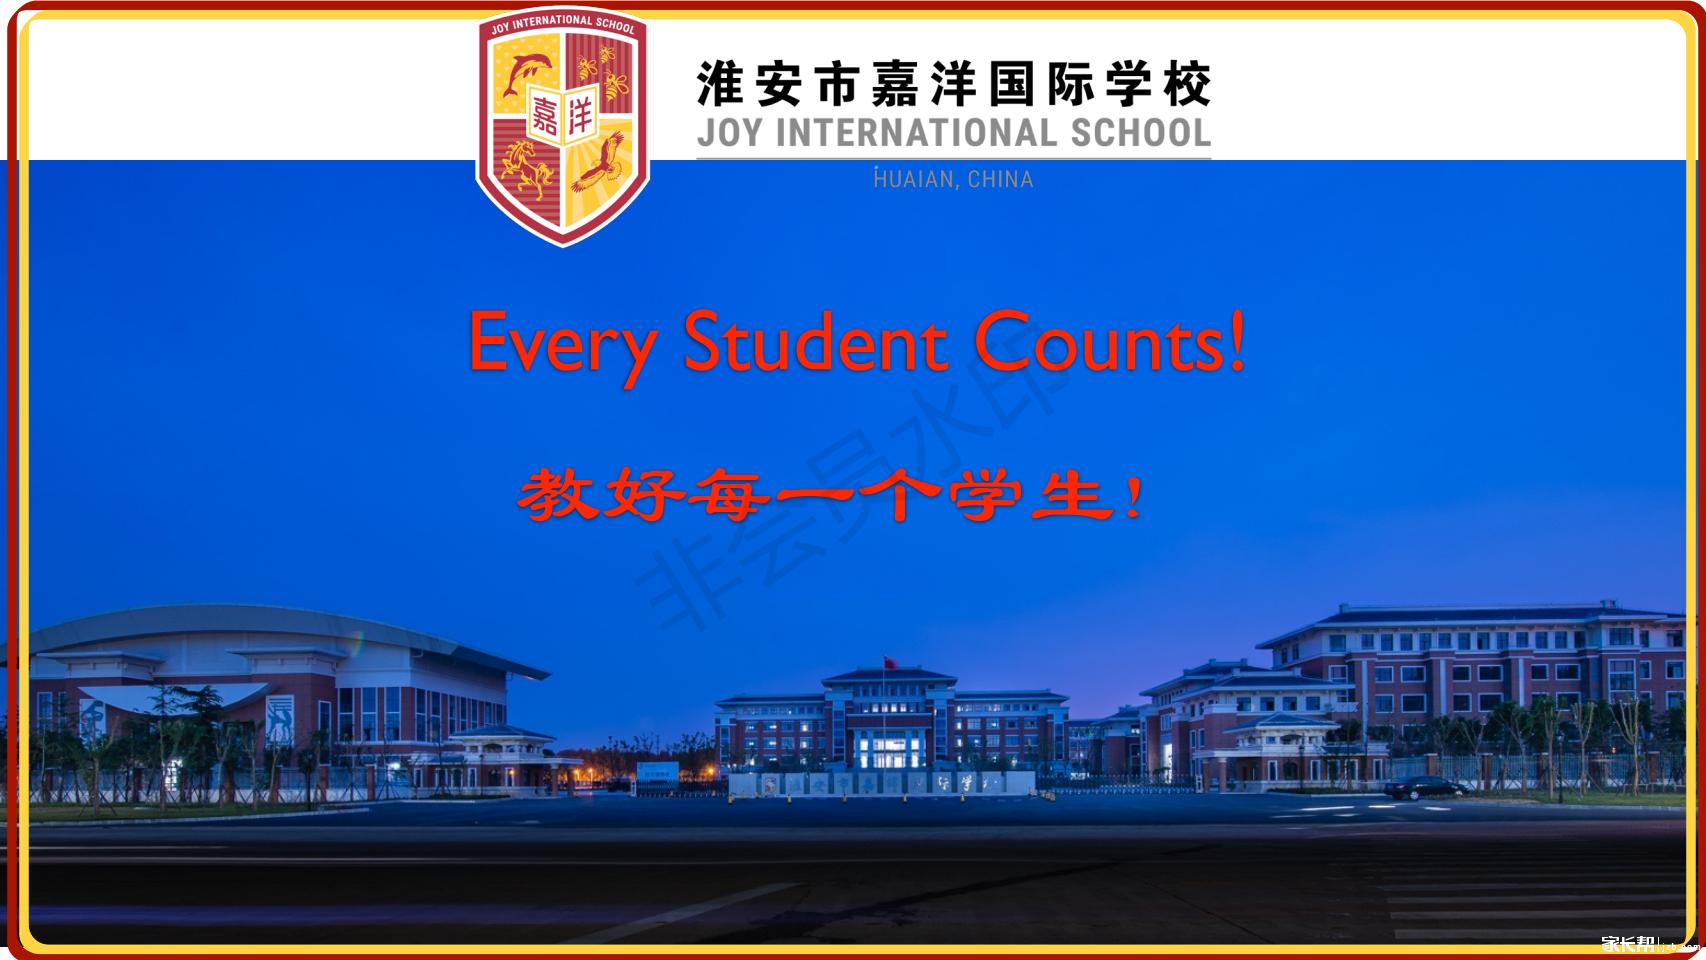 淮安嘉洋国际学校 20181216_11.png